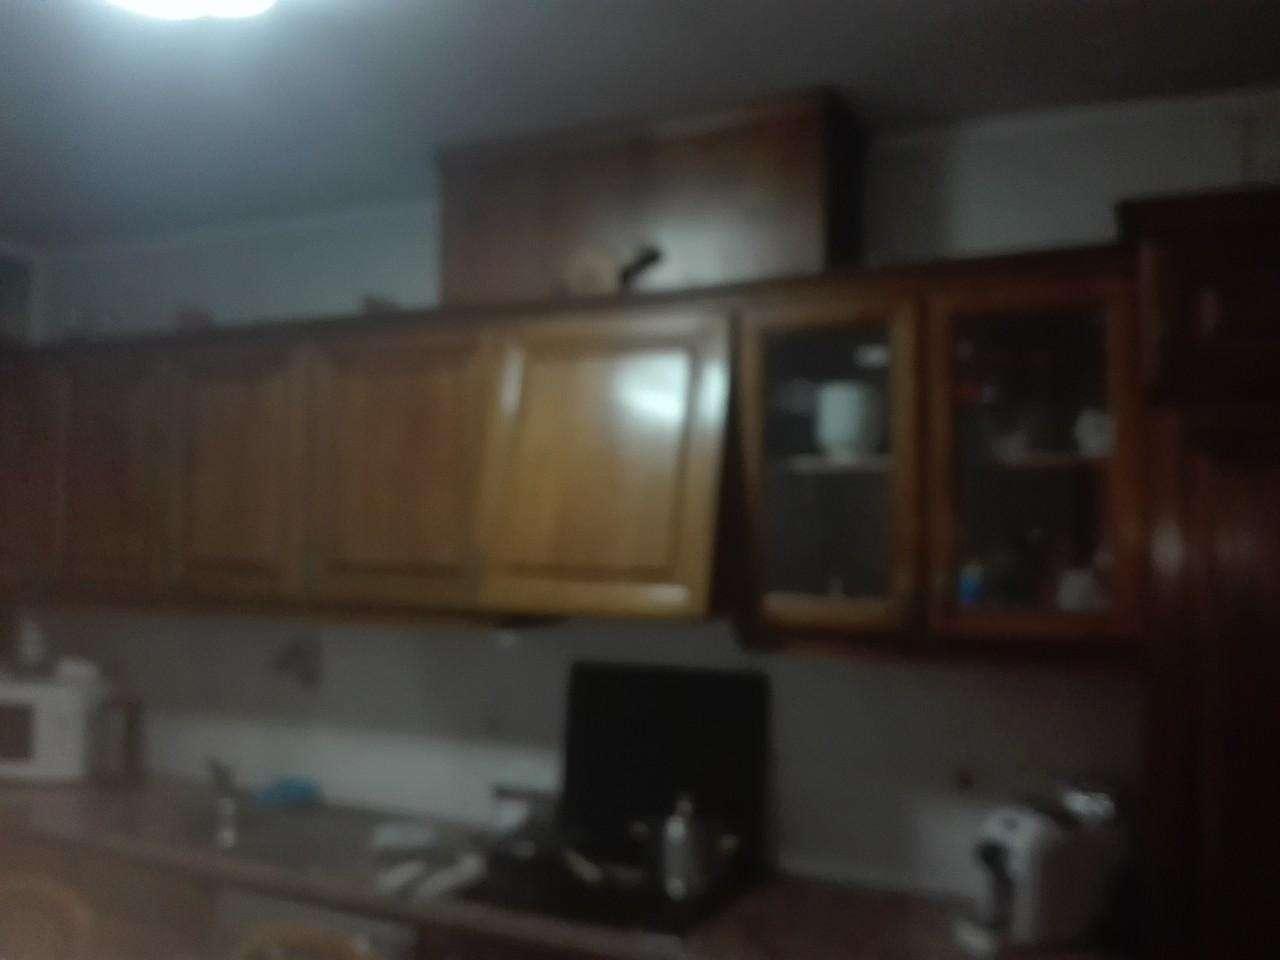 Apartamento para comprar, Milheirós de Poiares, Santa Maria da Feira, Aveiro - Foto 4